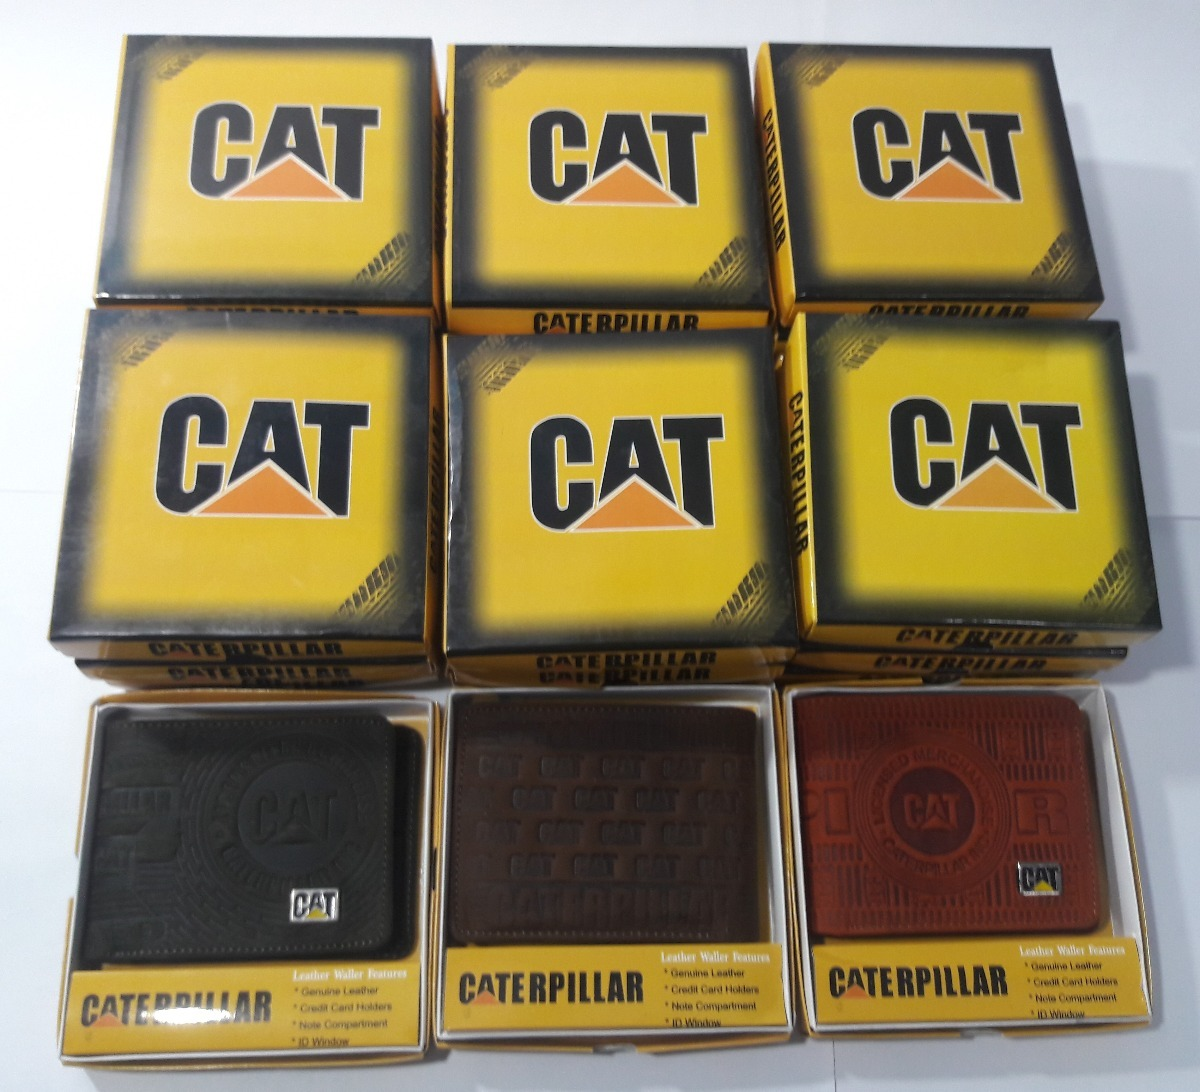 d08e4901a Billeteras Cat Originales - $ 649,00 en Mercado Libre